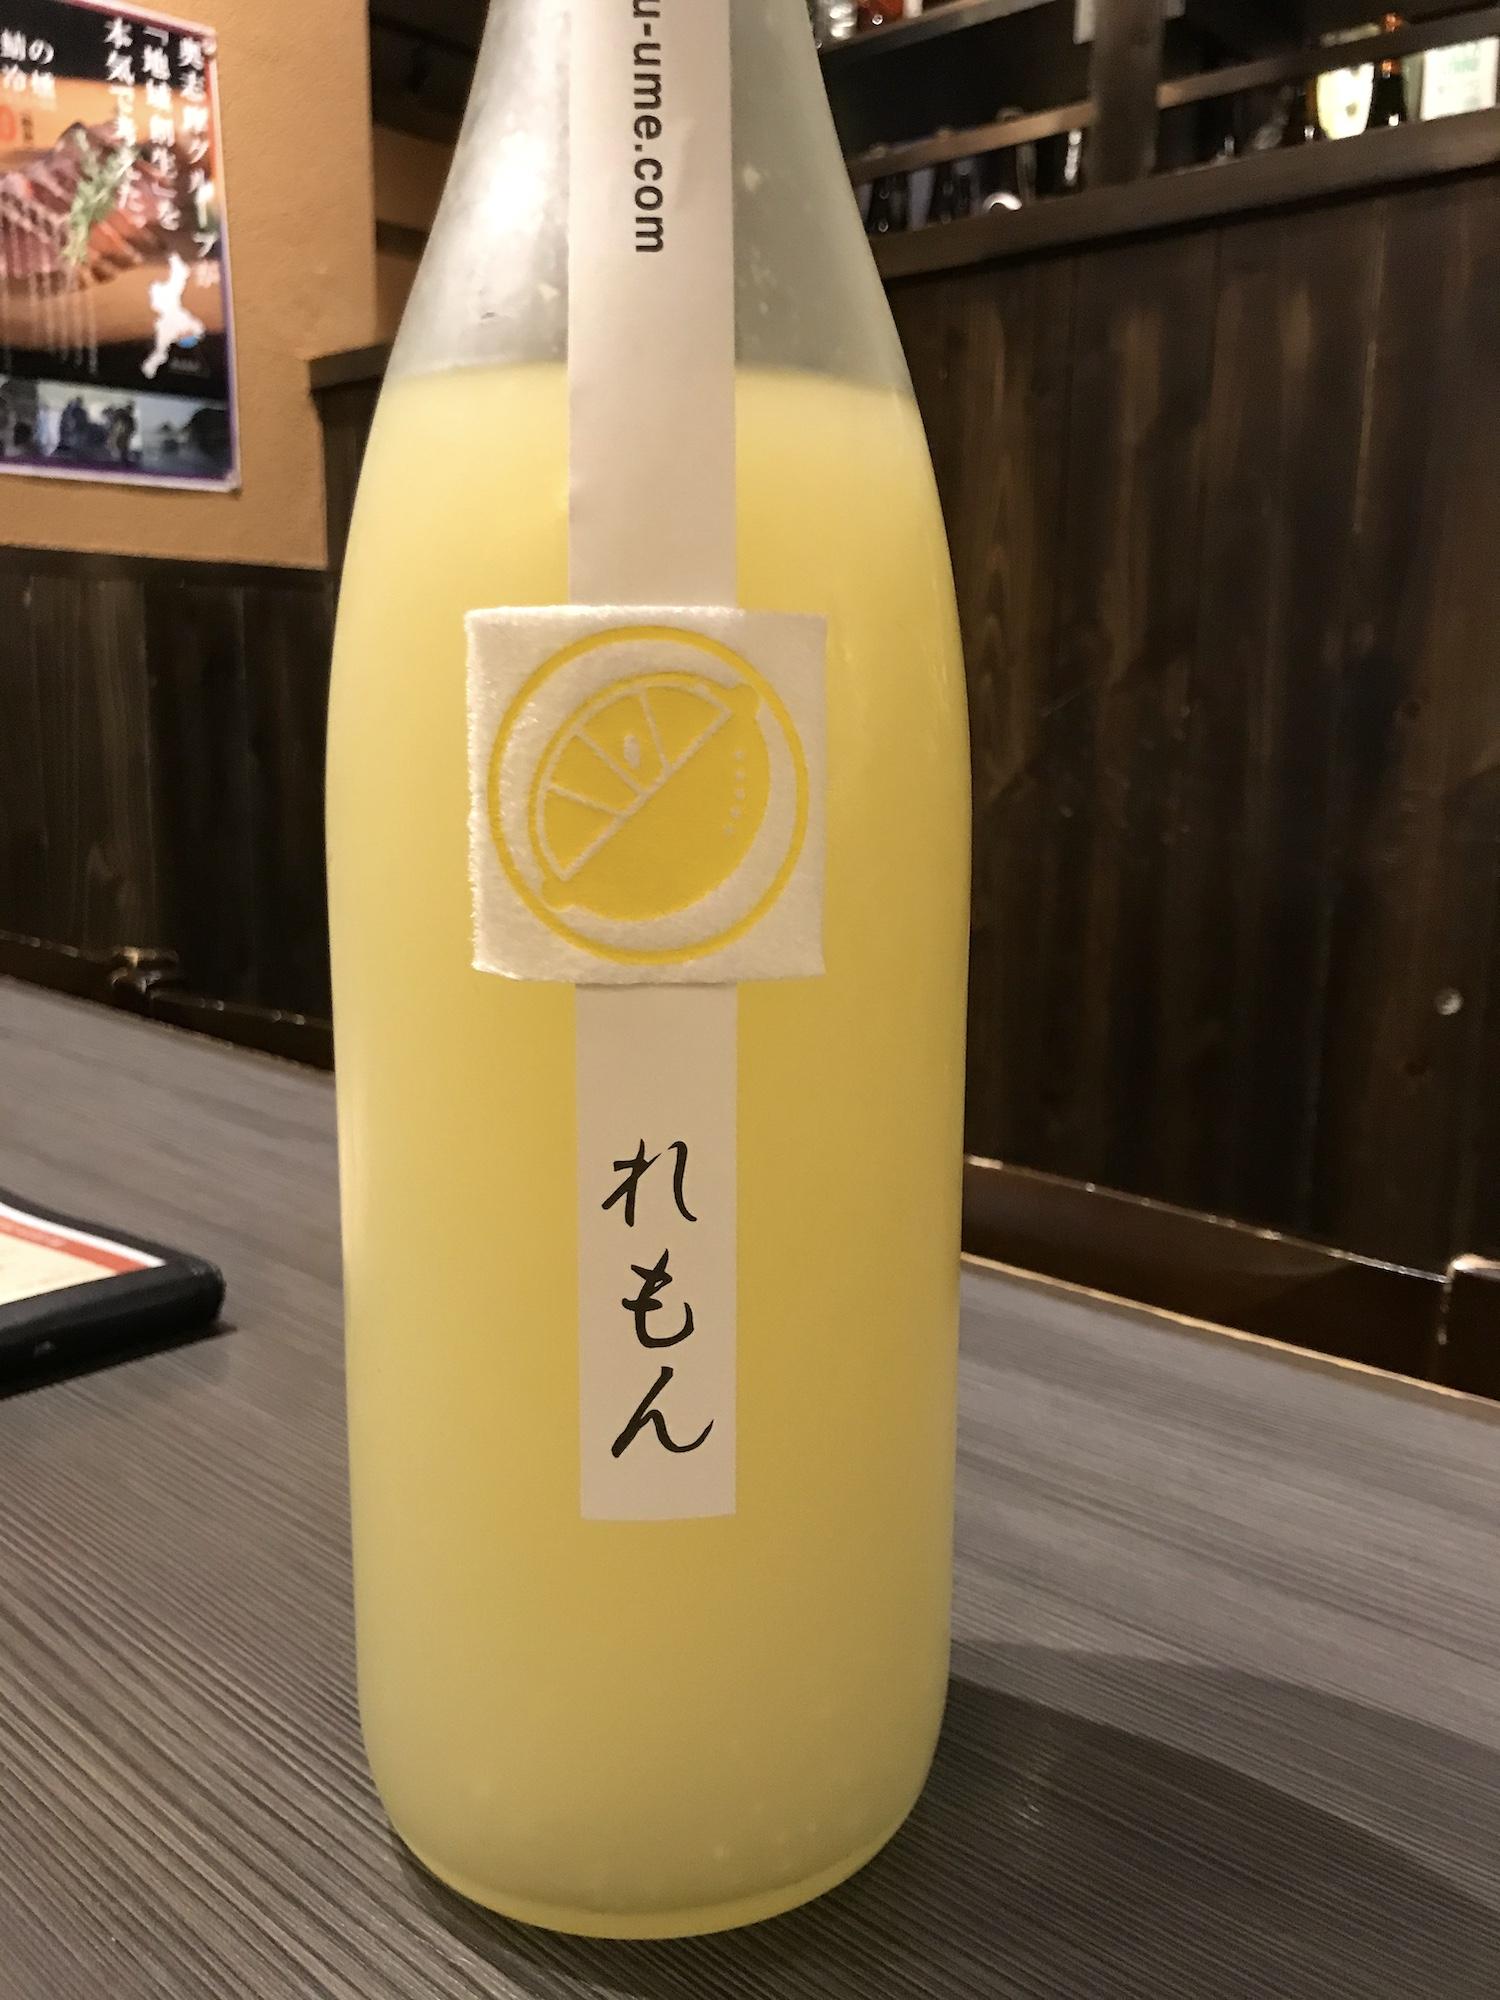 限定果実酒の 【れもん酒】